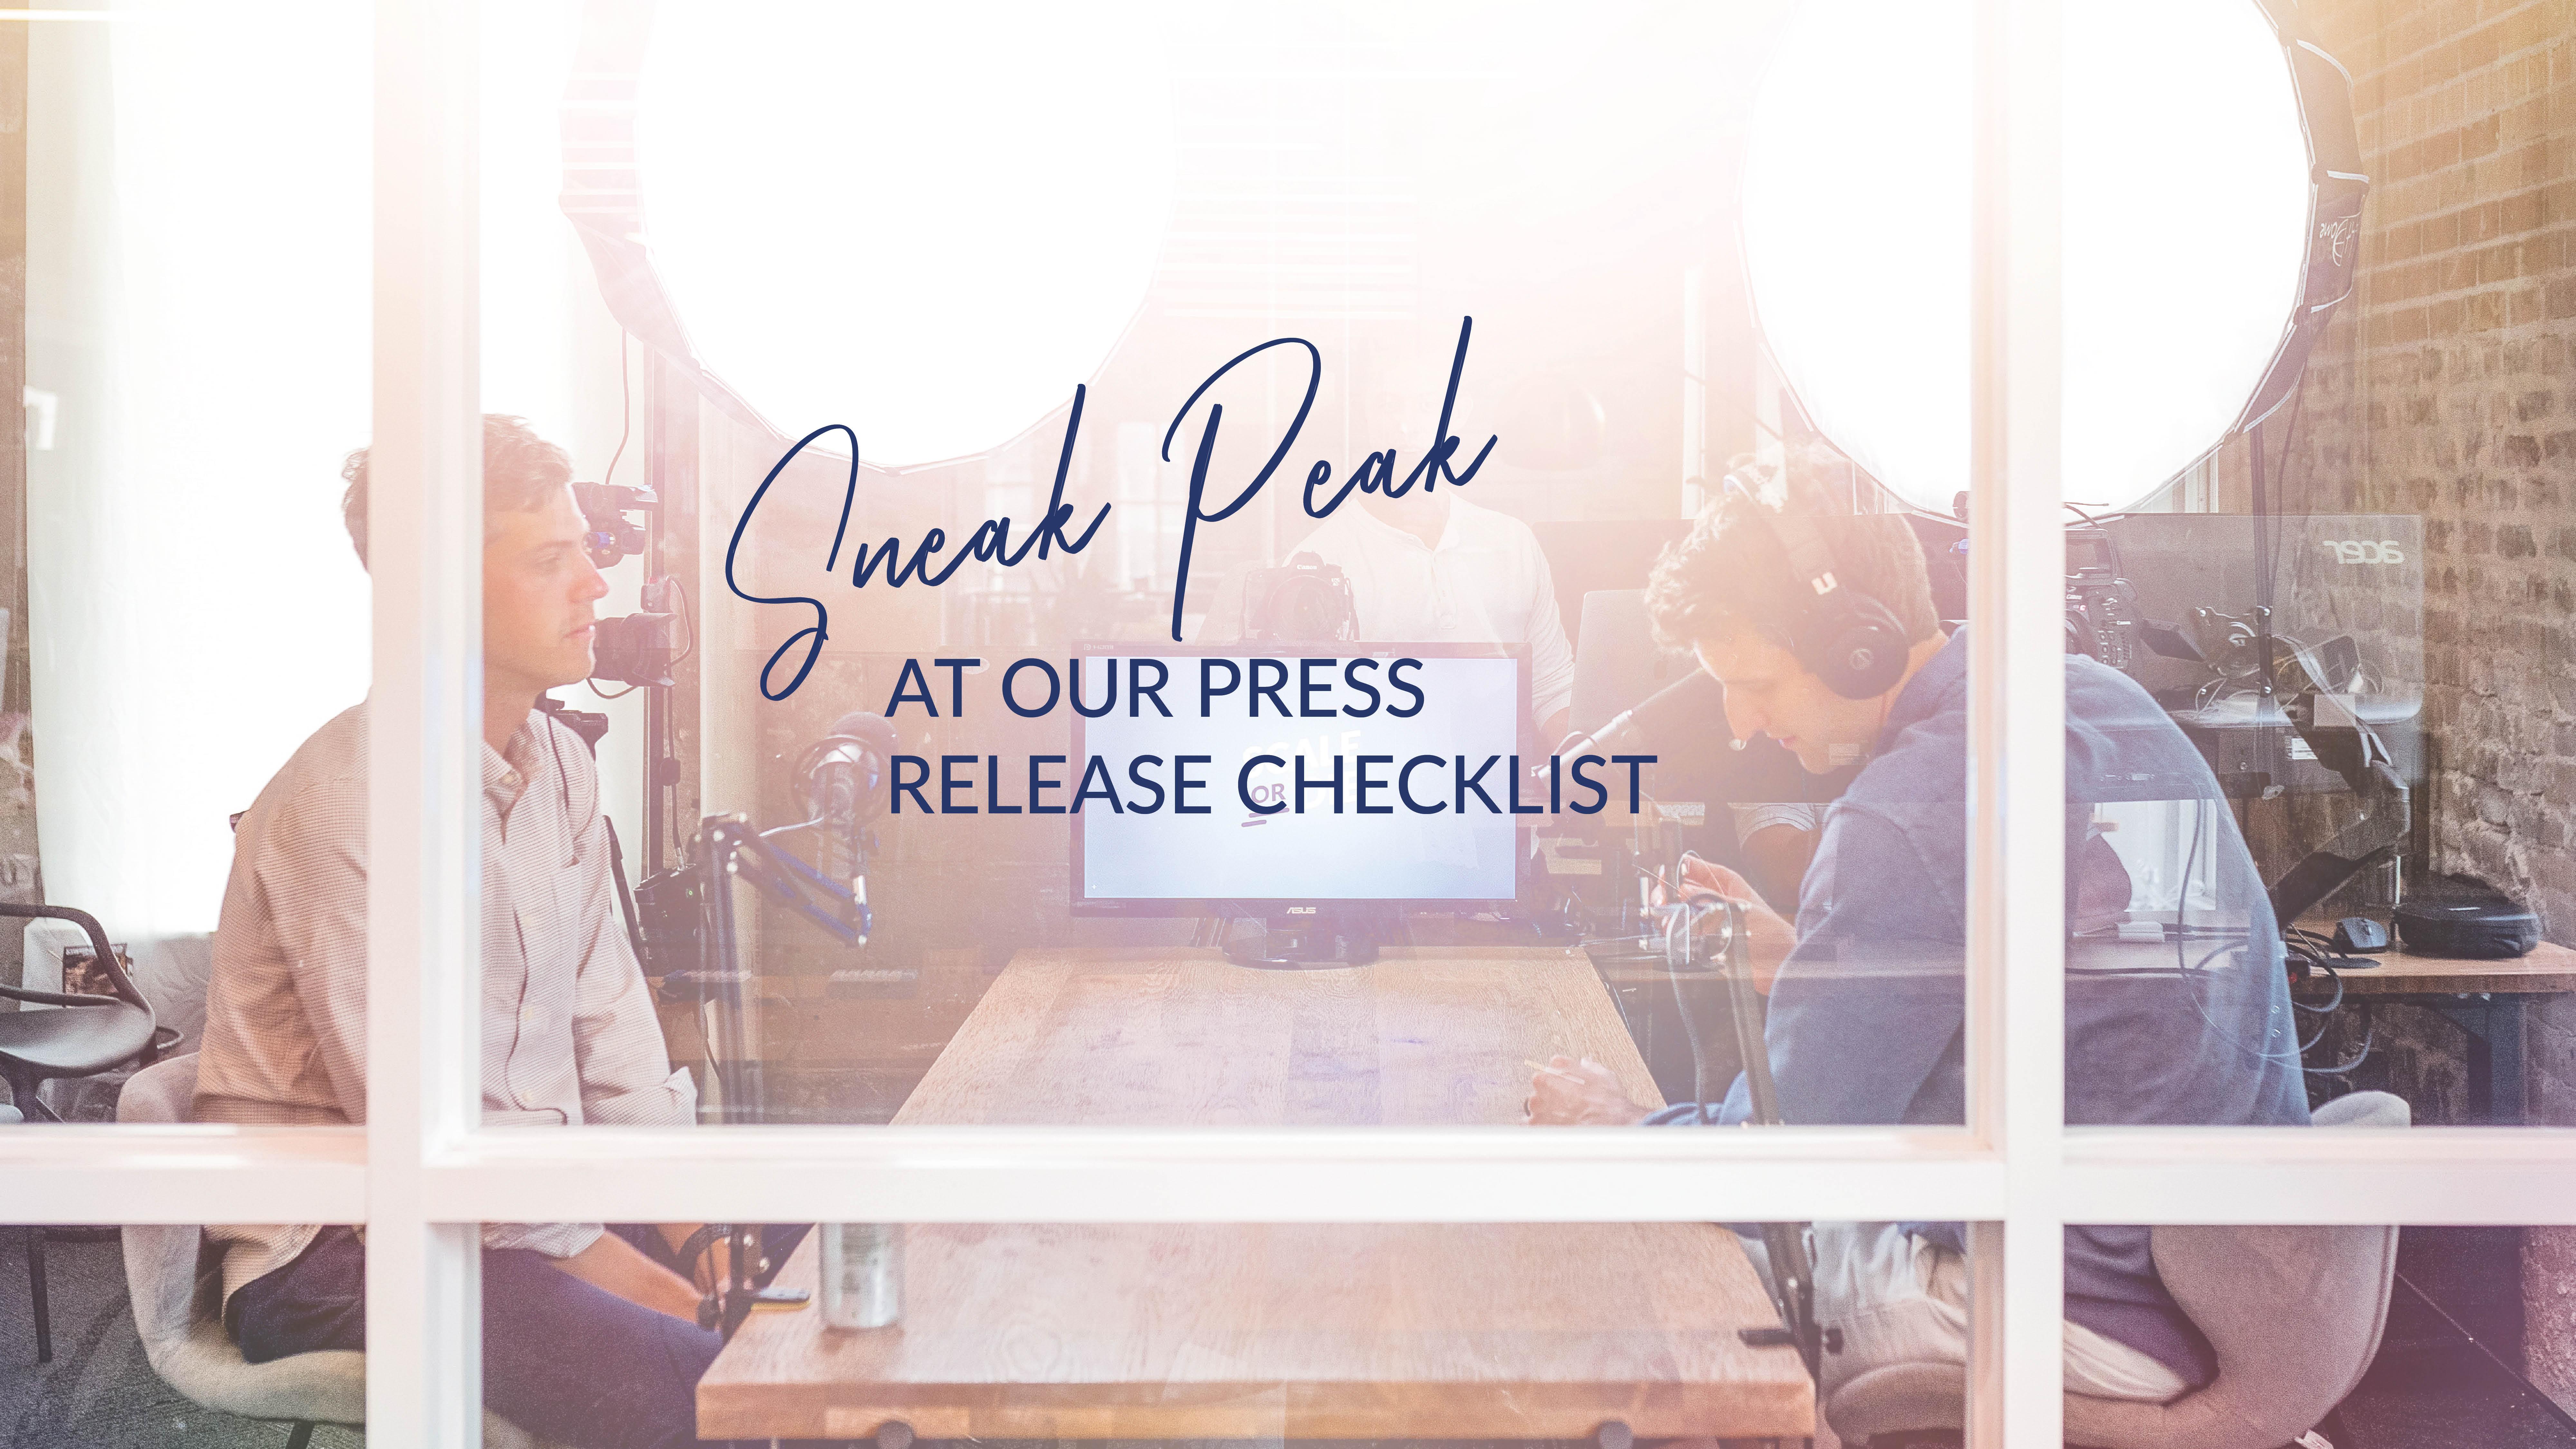 Kerstin_checklist blog size